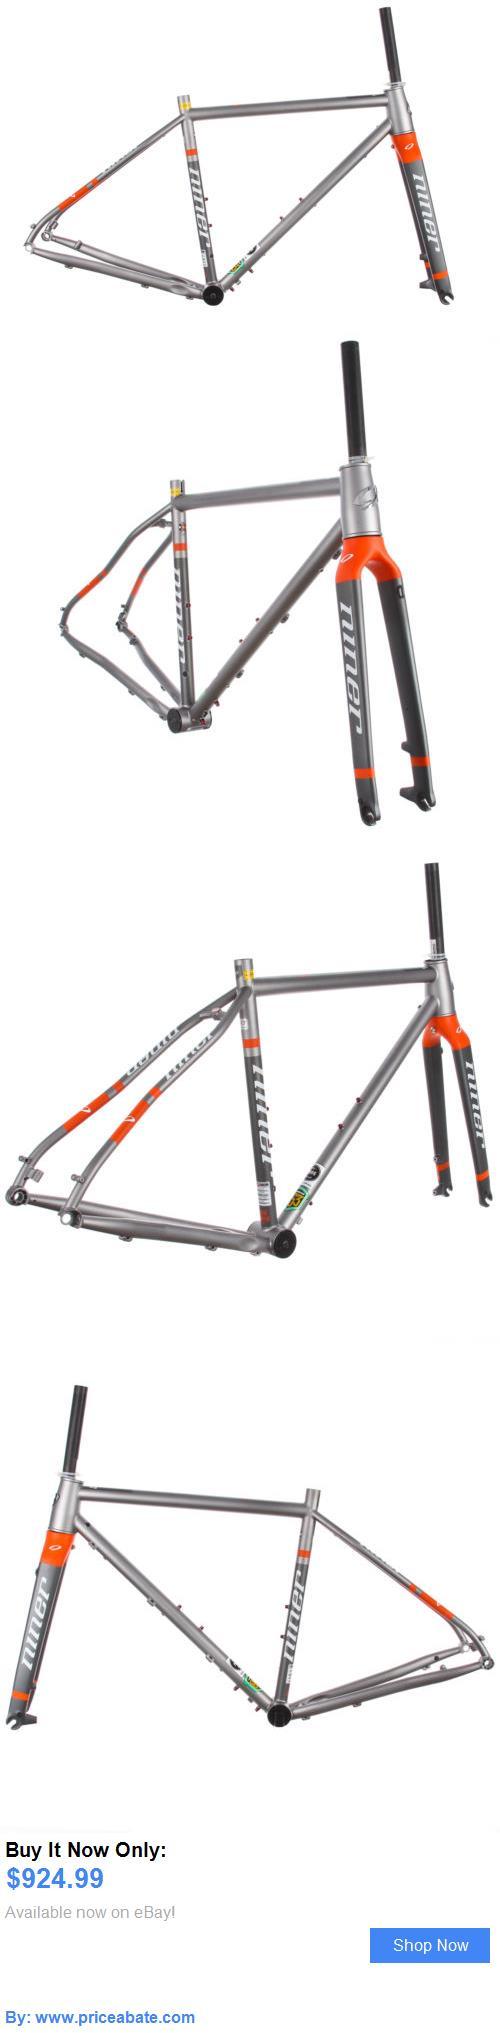 bicycle parts: Niner Rlt 9 Steel Cyclocross Bike Frame Set 47Cm 700C ...